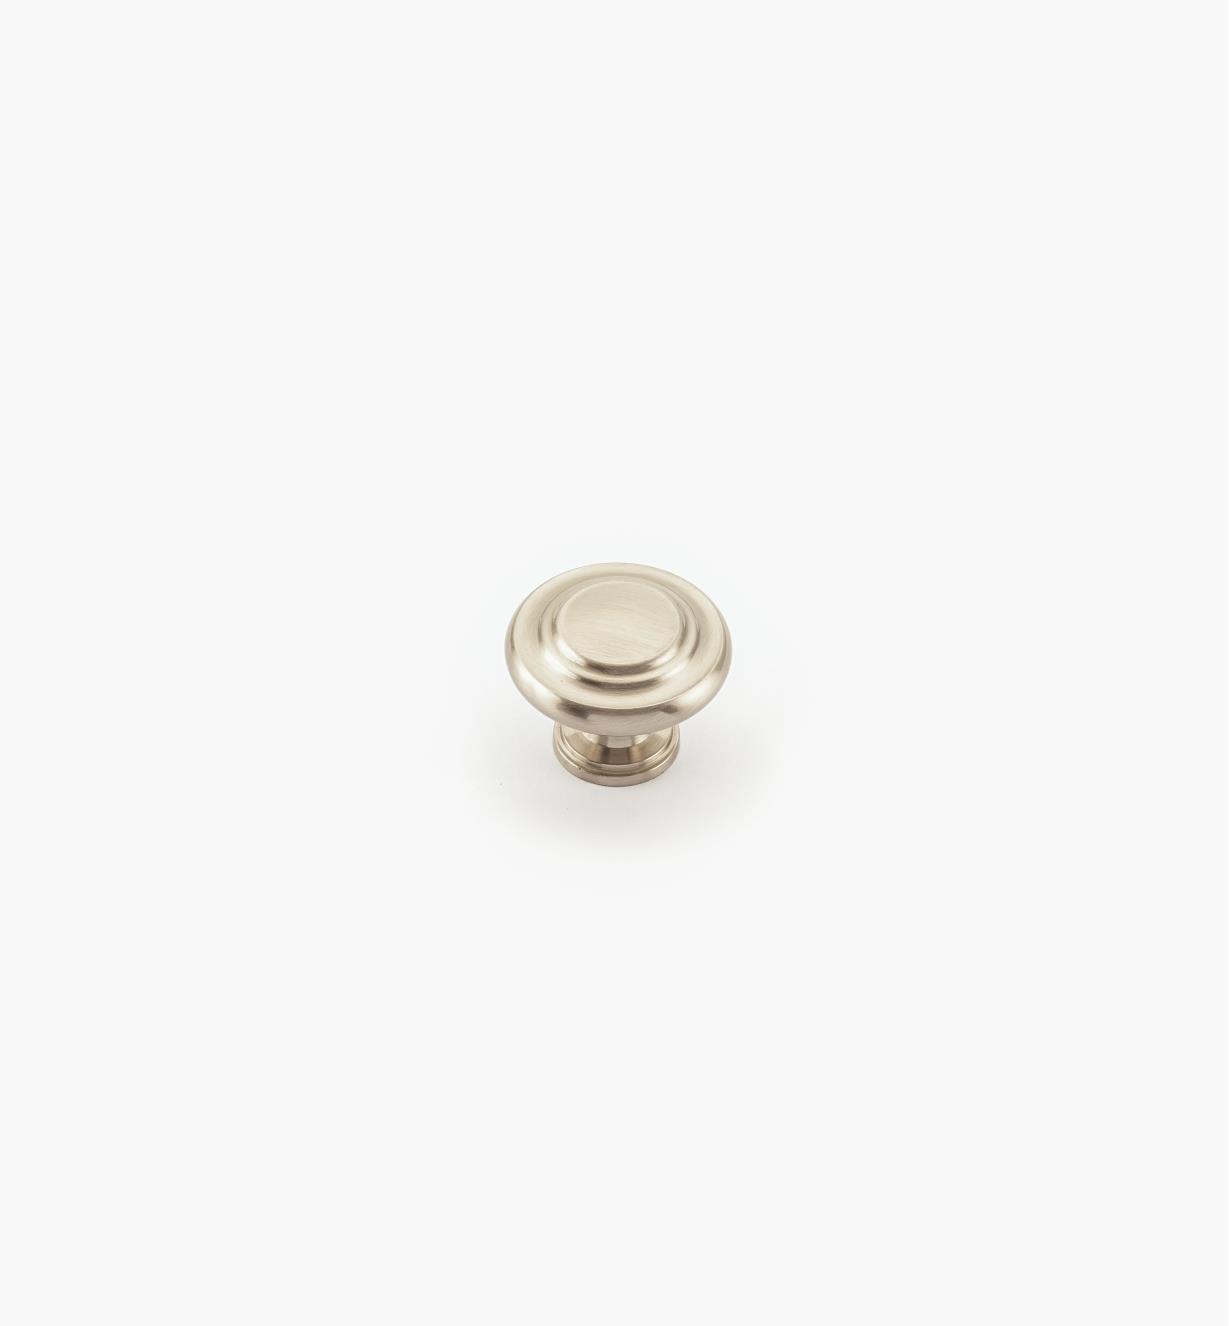 """02A0825 - 1 5/16"""" Twist Ring Knob"""